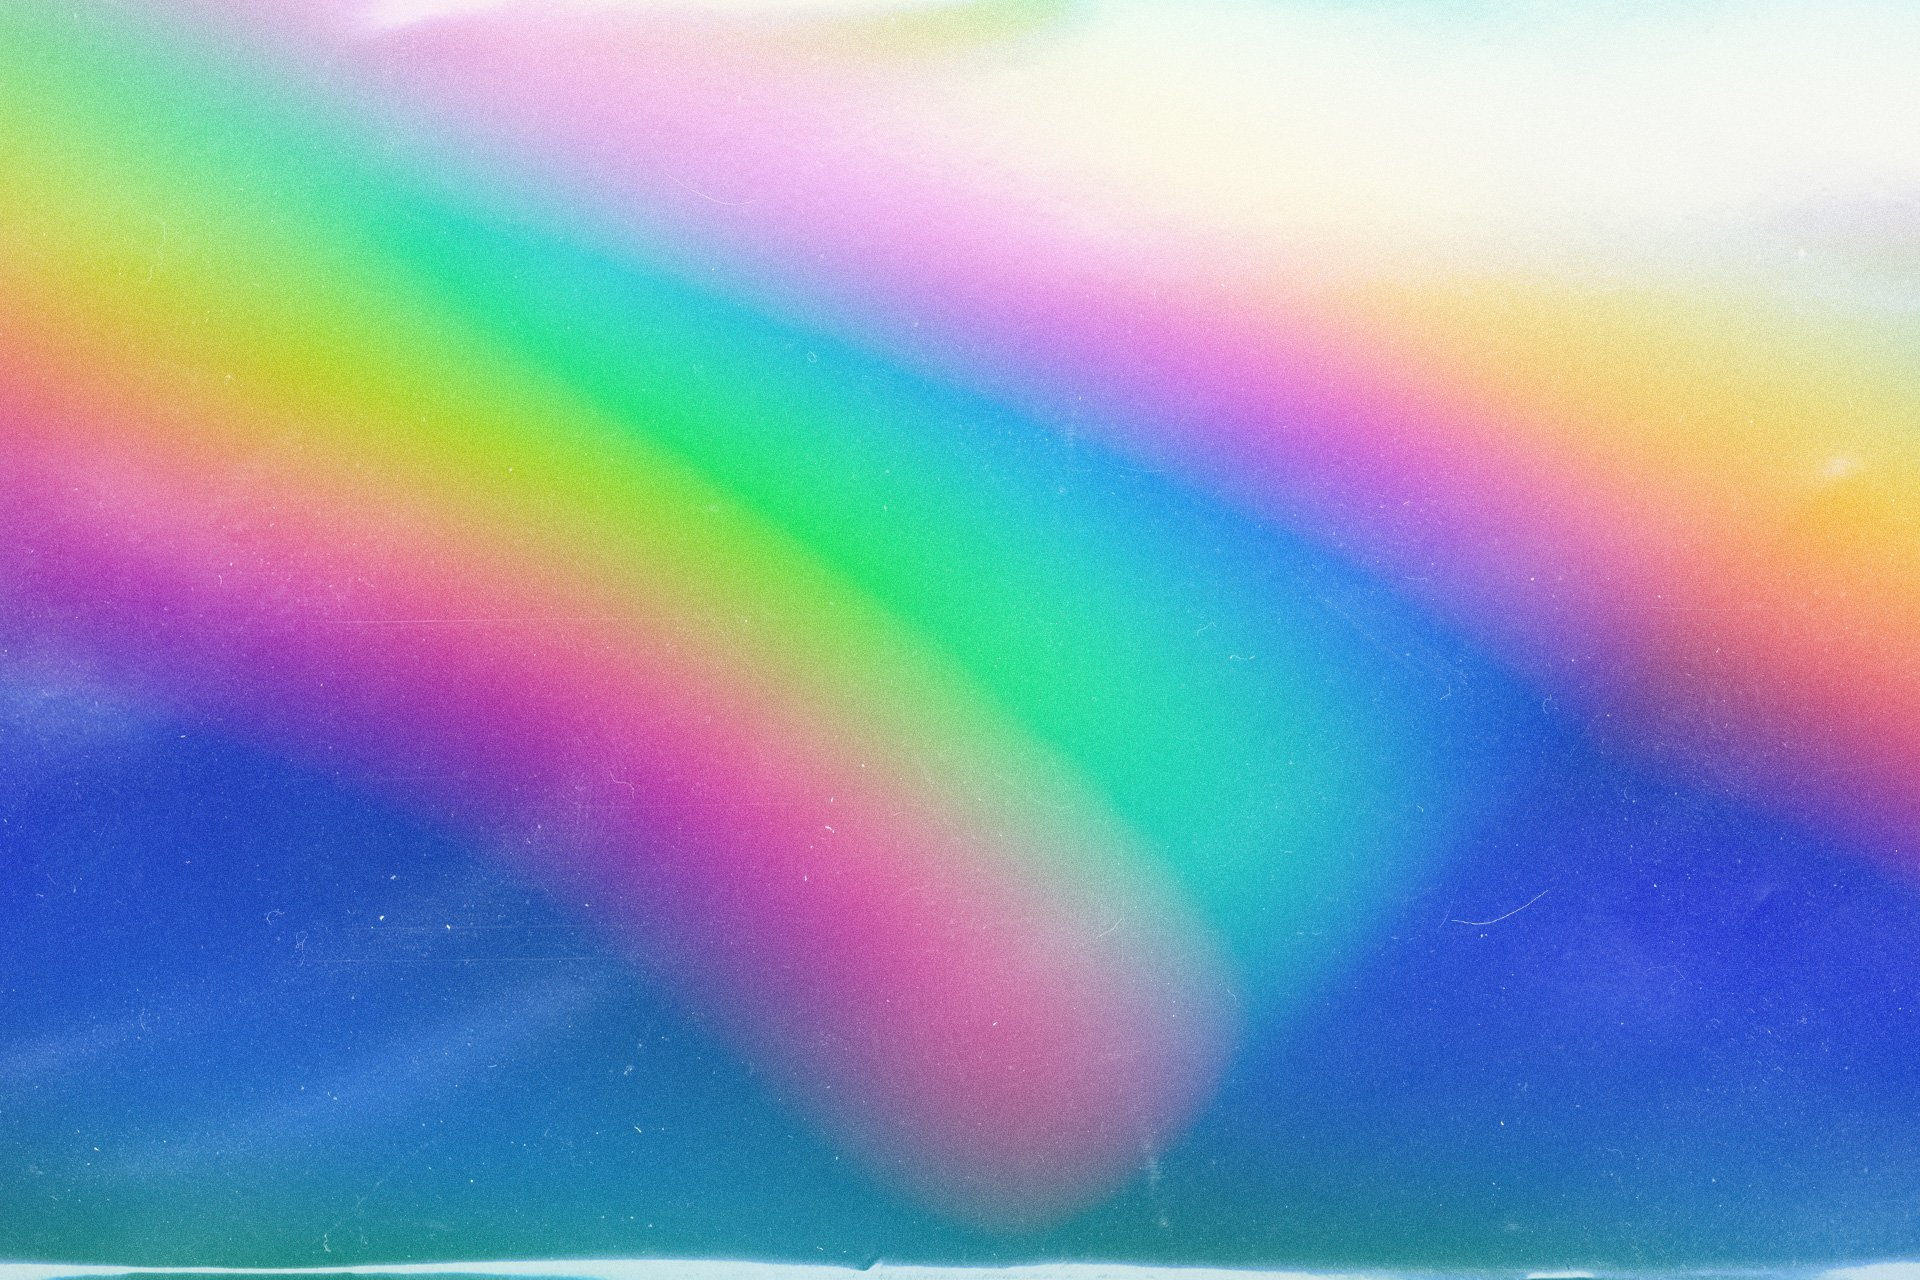 104款高清潮流全息渐变虹彩背景图片设计素材 104 4K Prism Textures插图